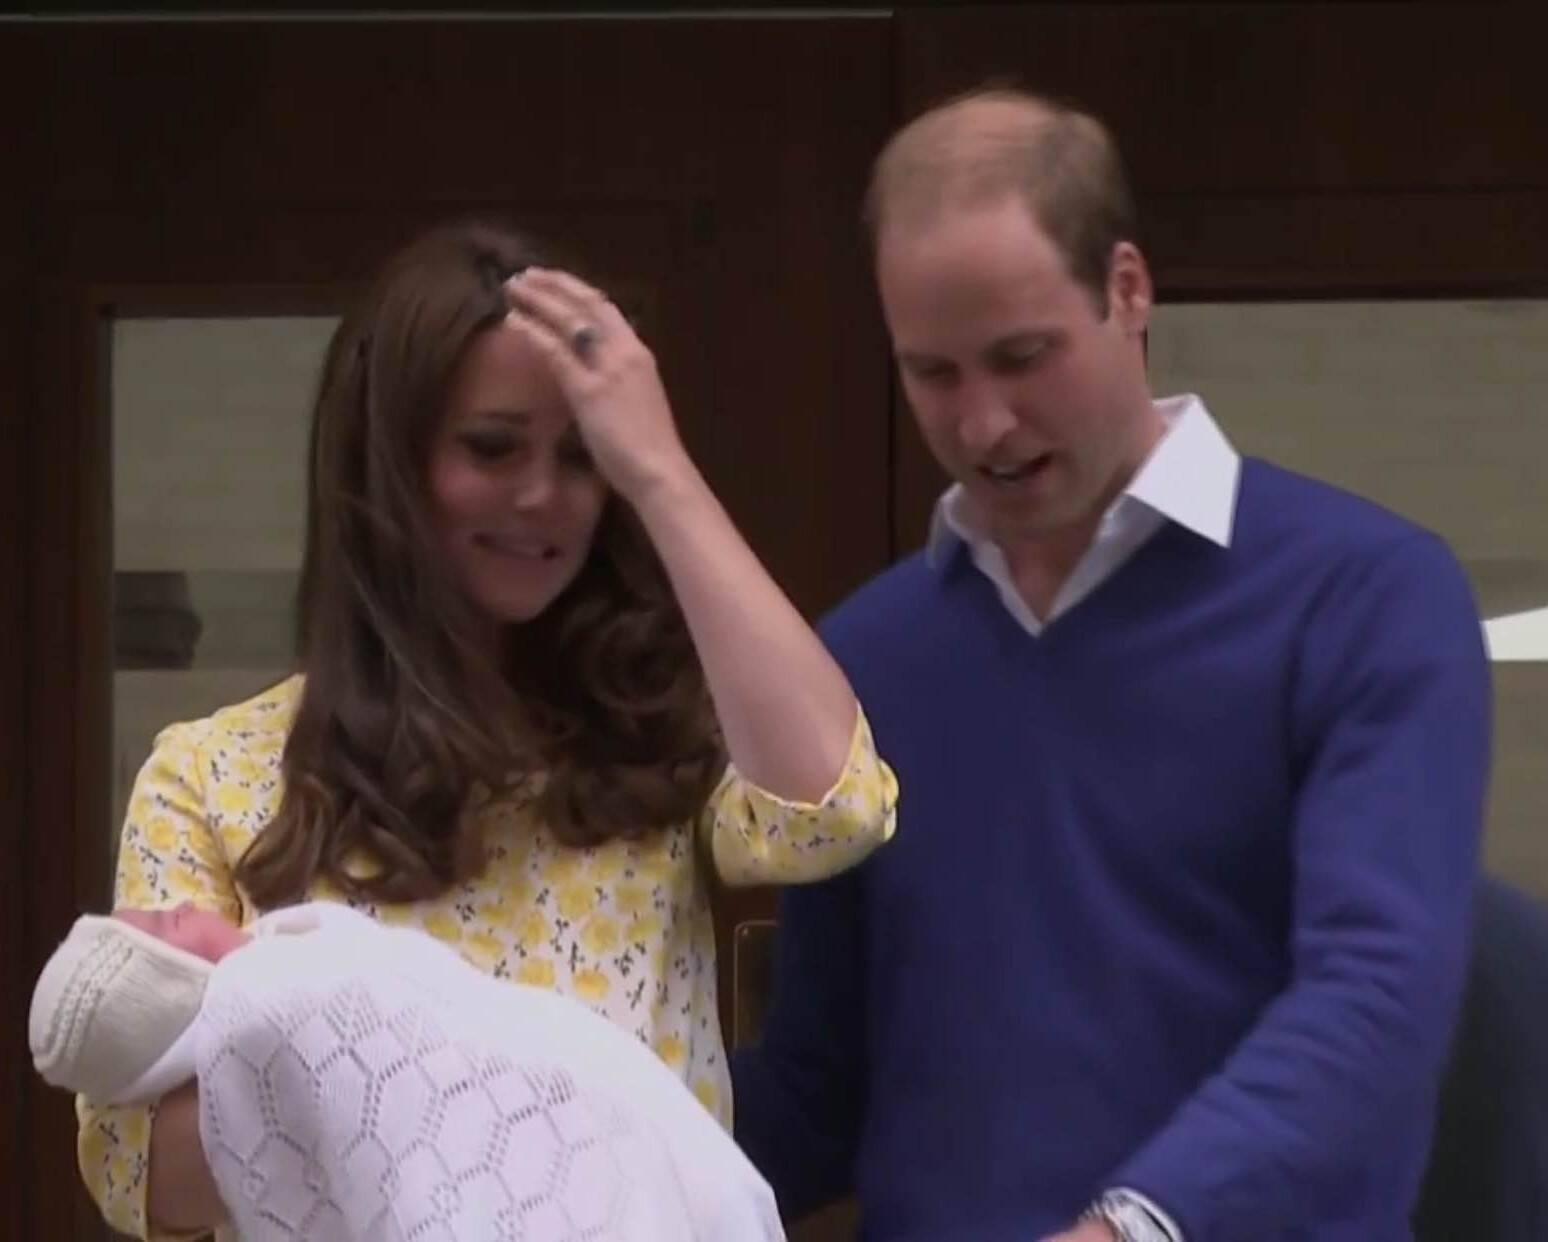 Kate Middleton: a duquesa de Cambridge, que teve seu segundo filho com o Príncipe William neste sábado (02/05), em Londres, horas depois do parto, já apareceu montada, alegre, cabelos ao vento / Foto: reprodução